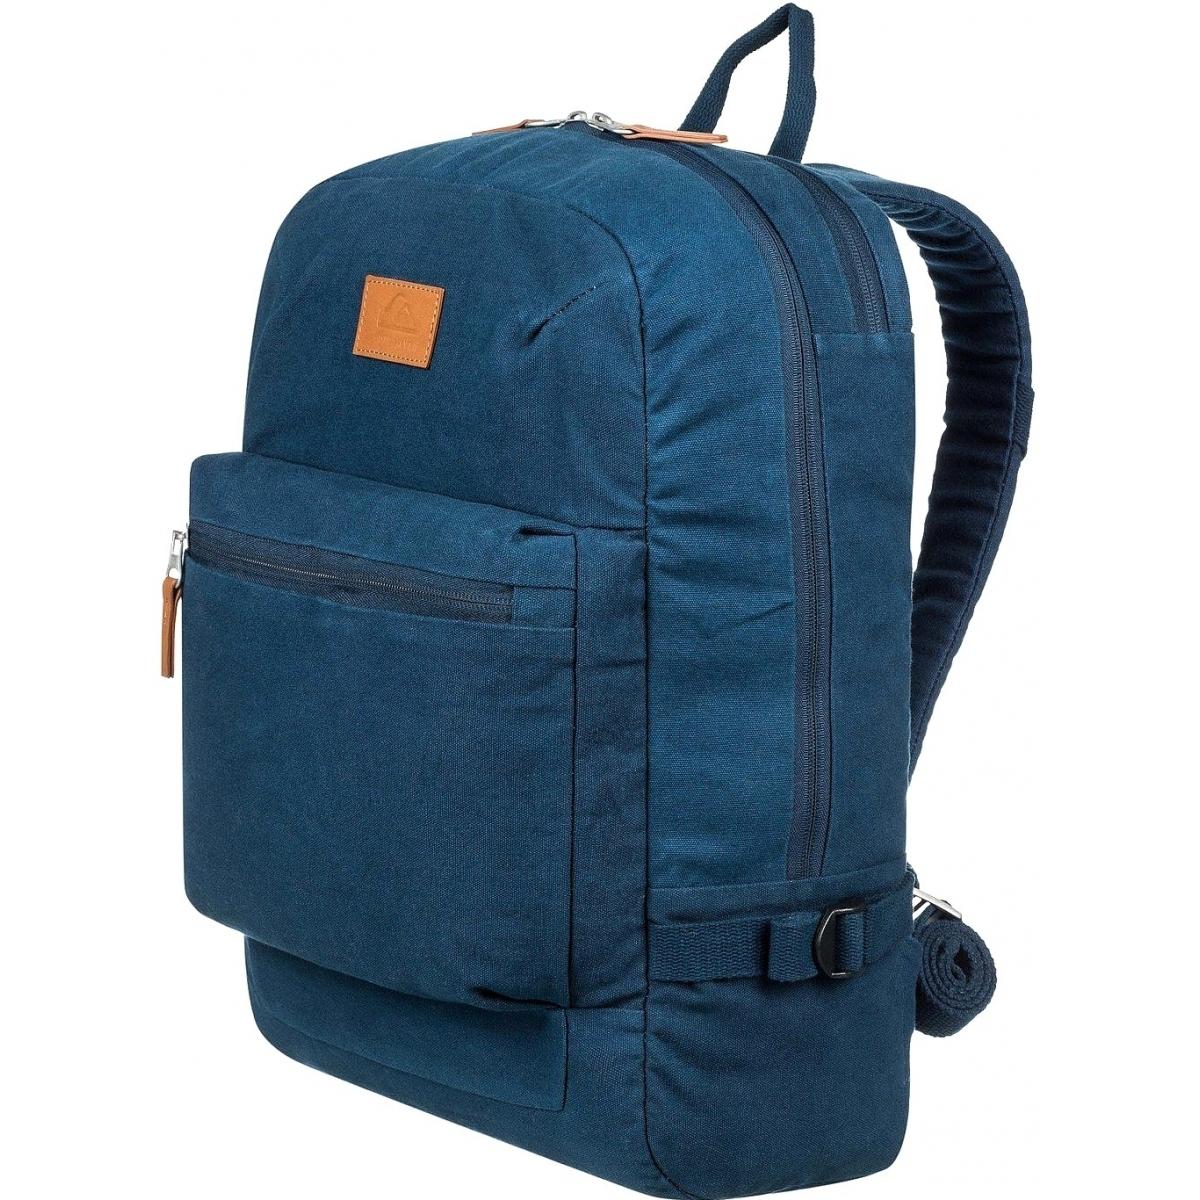 sac dos double compartiment porte ordinateur 15. Black Bedroom Furniture Sets. Home Design Ideas